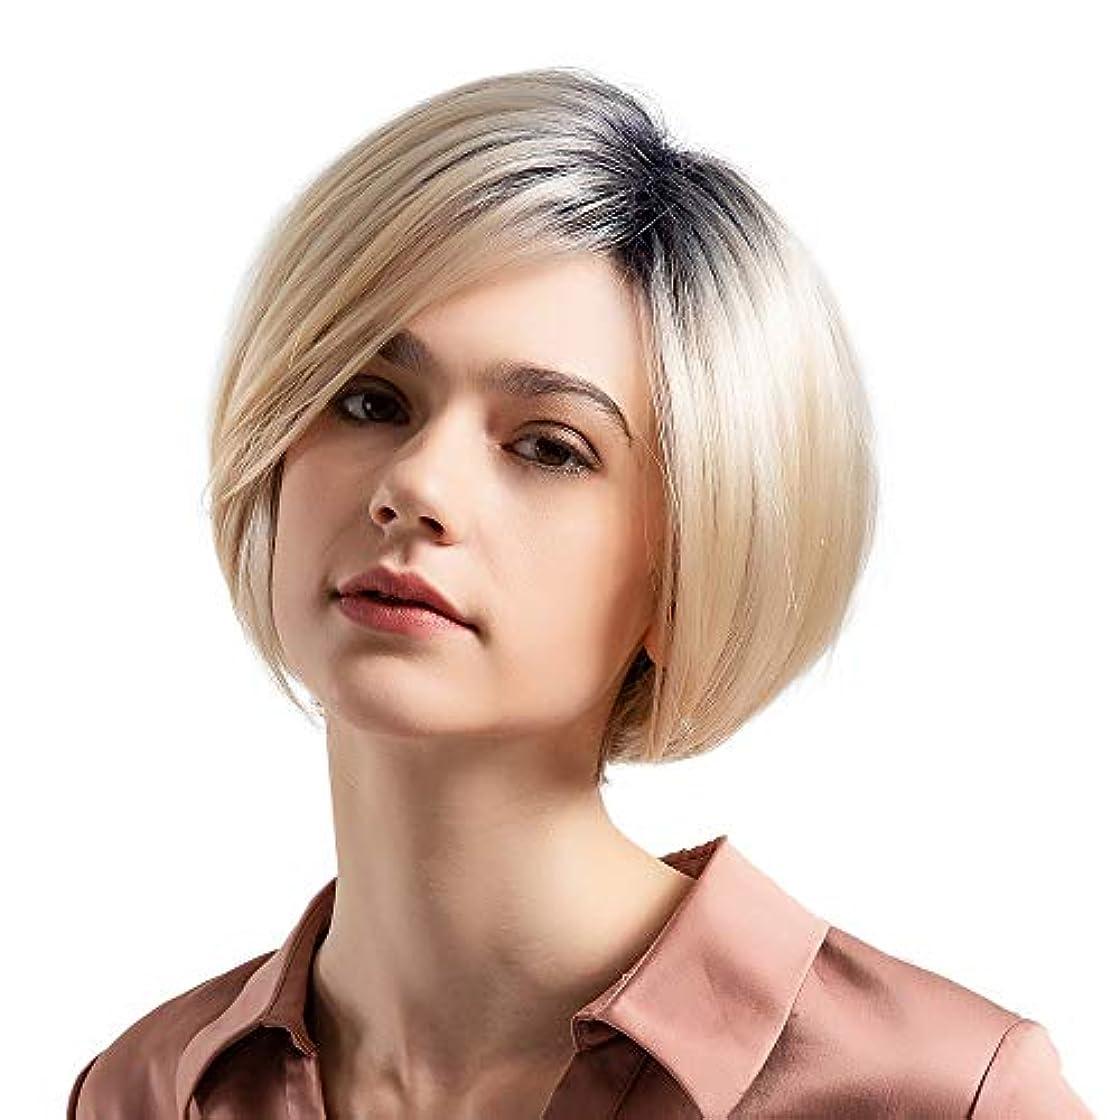 好き倉庫国家ウィッグショートボブストレートヘア50%リアルヘアウィッグ女性のファッショングラデーションウィッグ